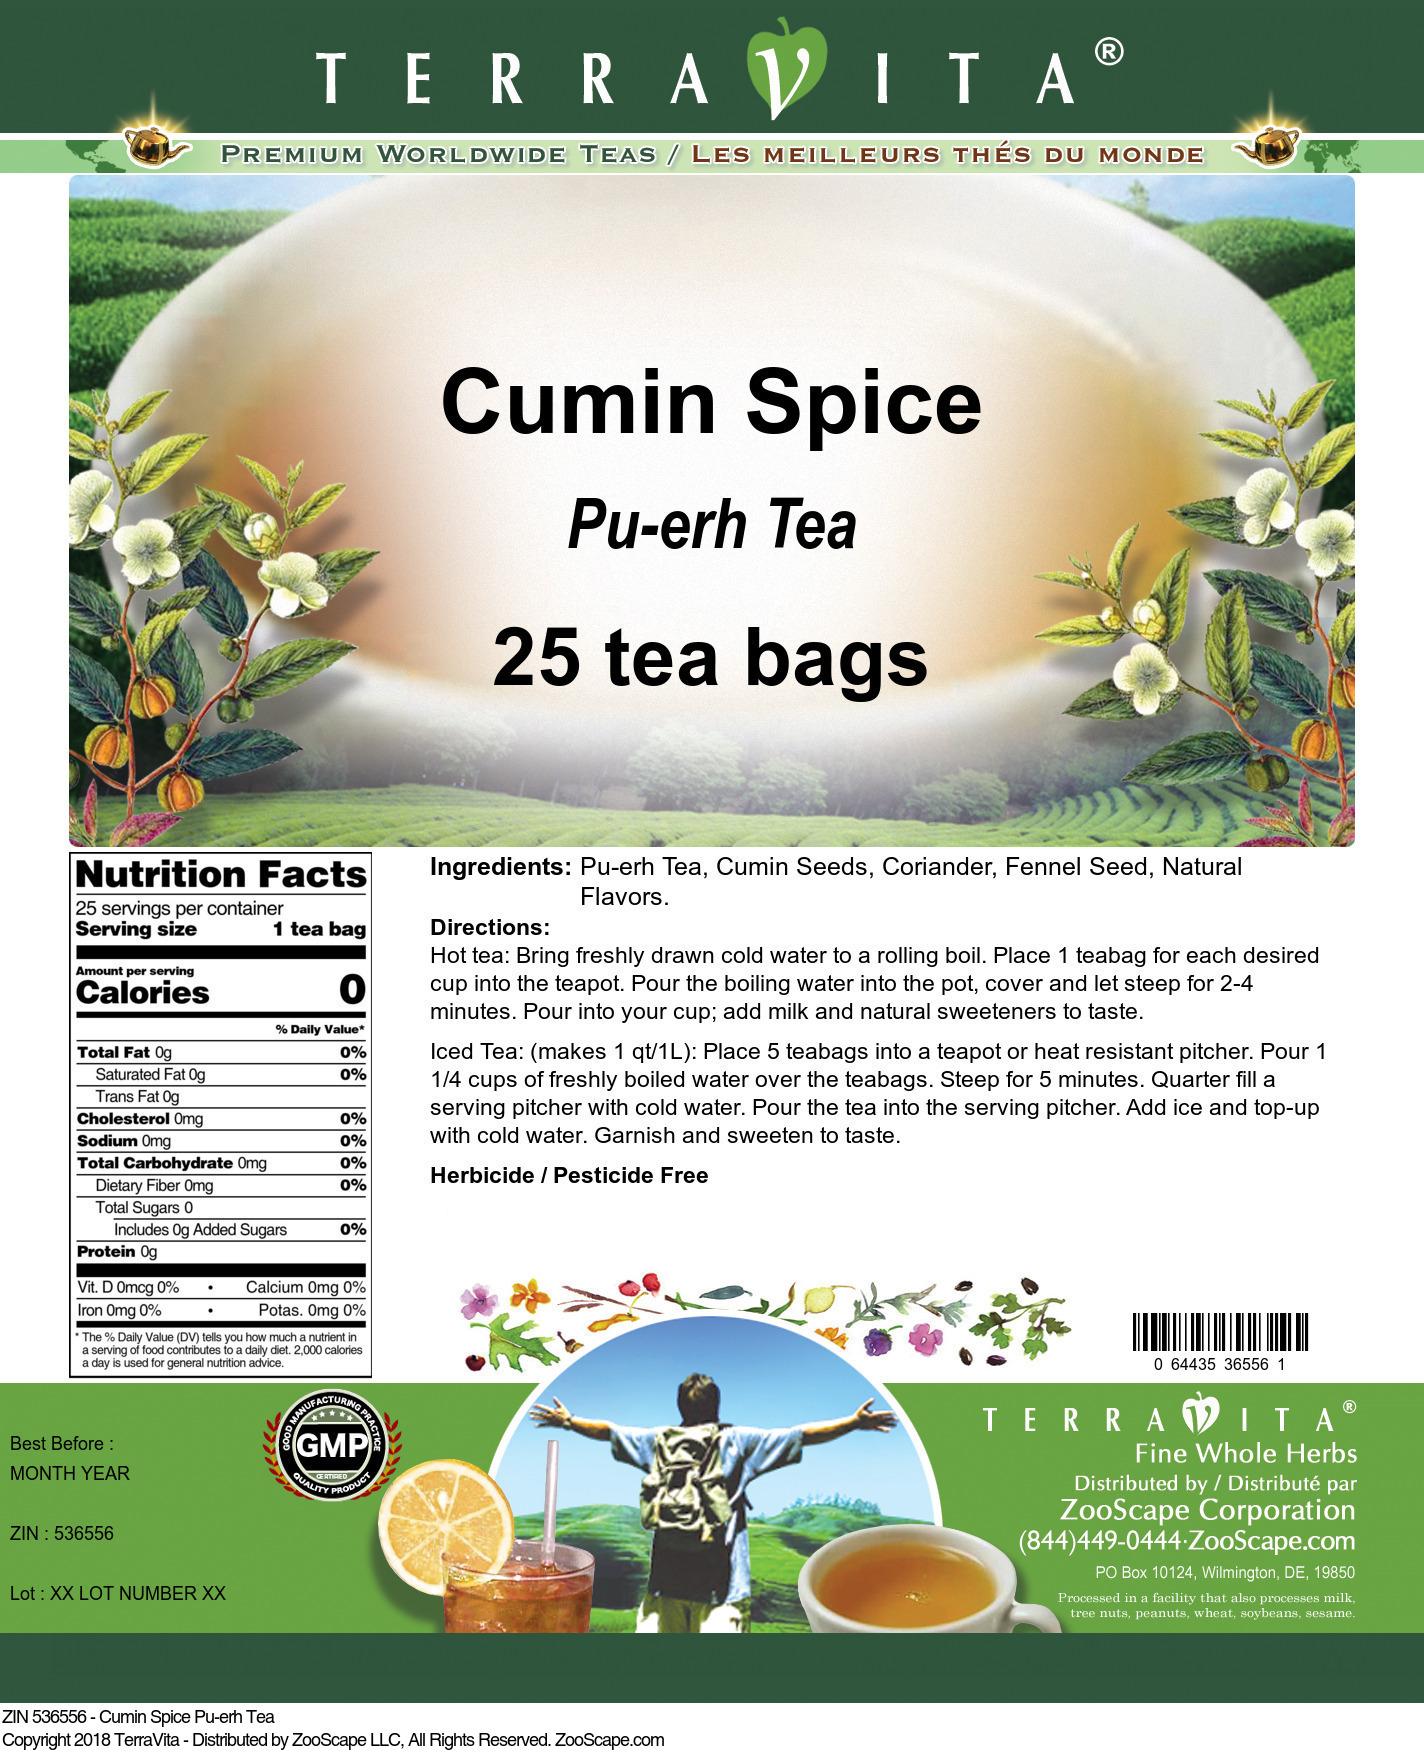 Cumin Spice Pu-erh Tea